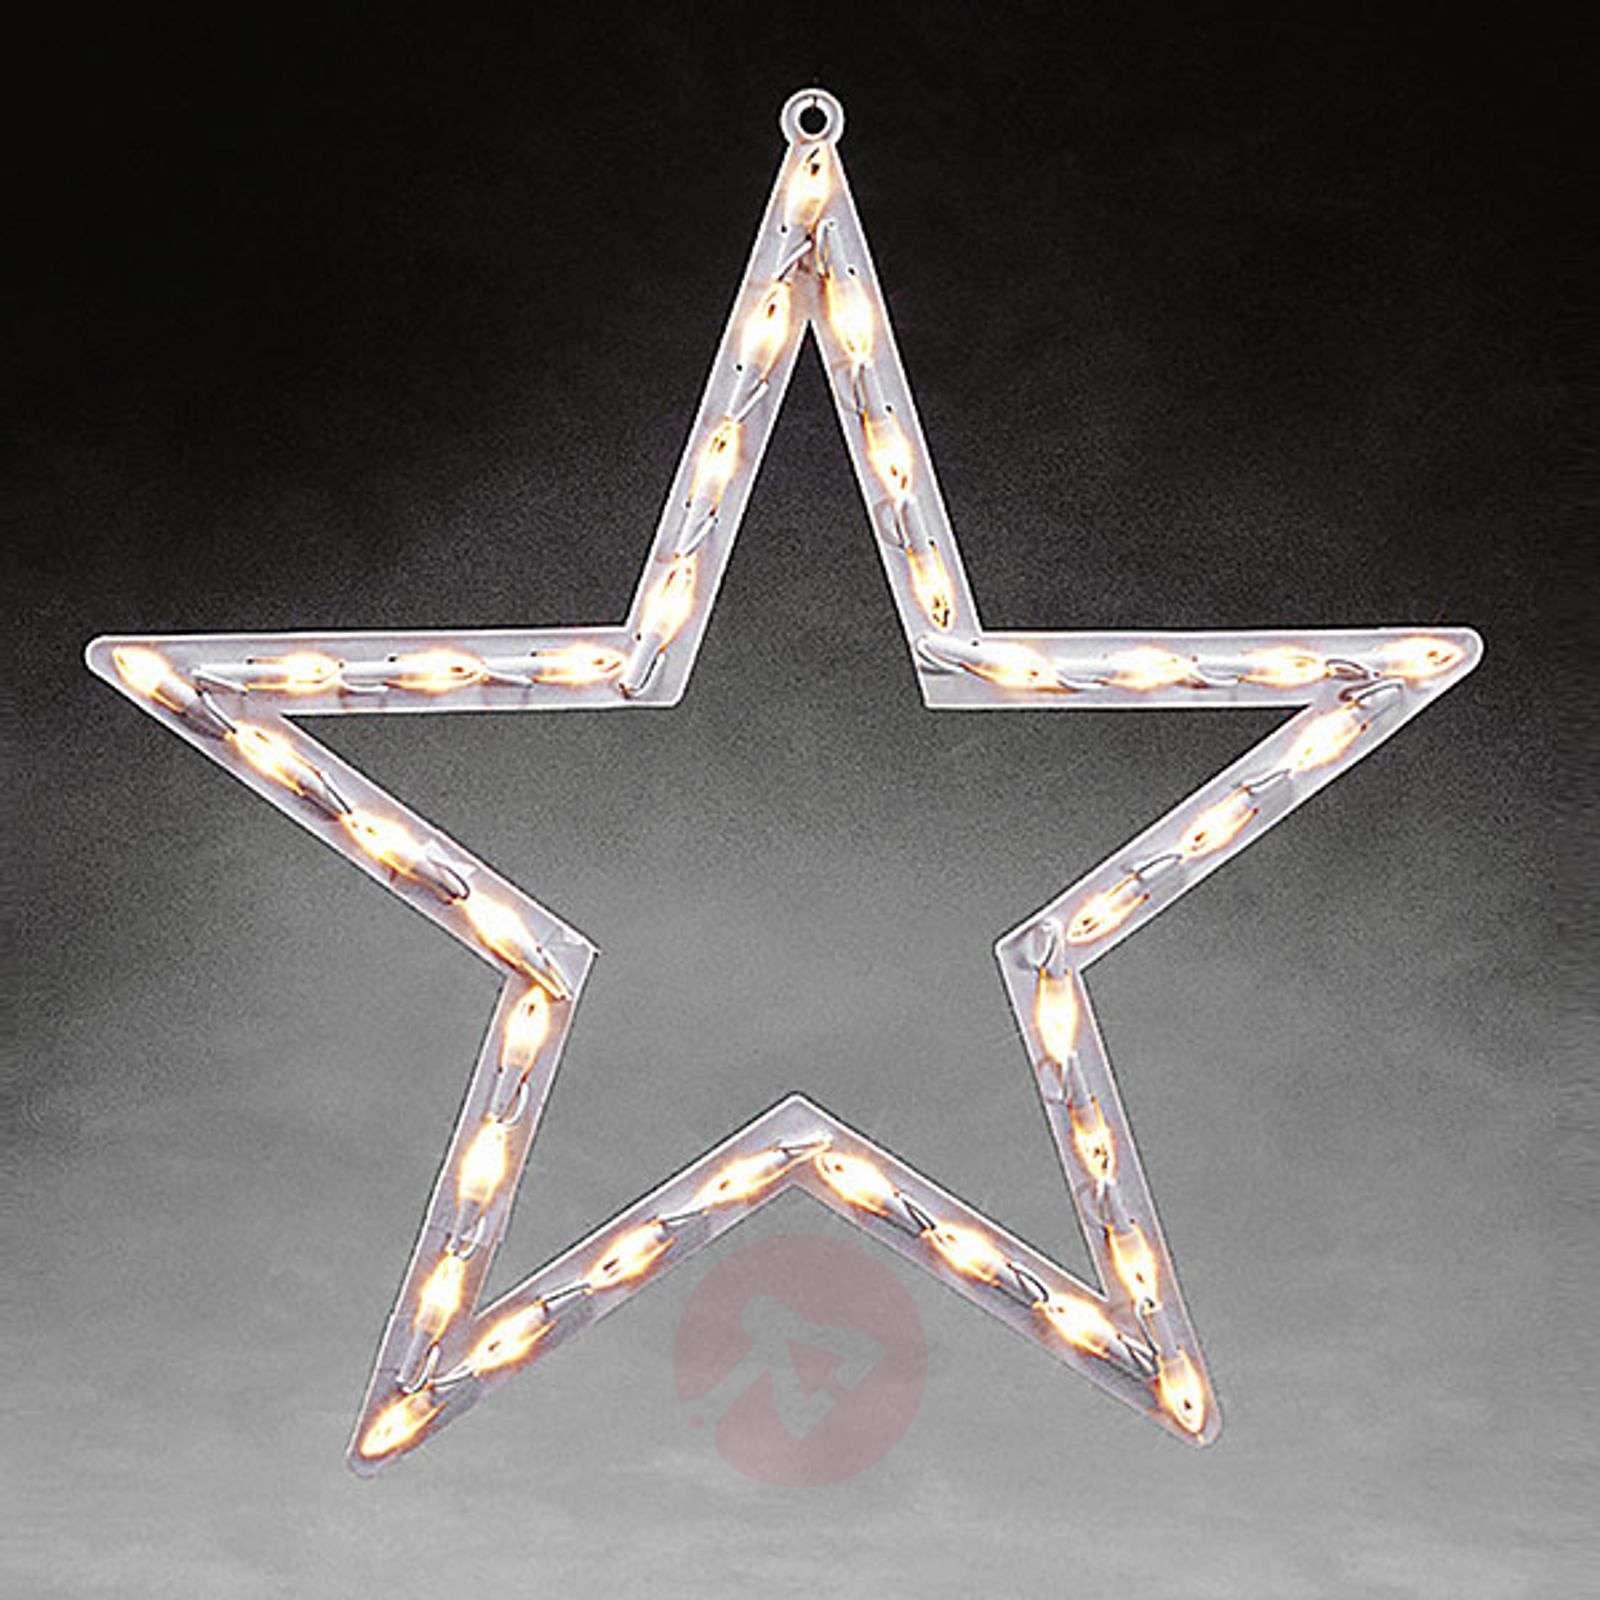 LED-tähti-Ikkunasiluetti sisä, lämmin valk.-5524841-01